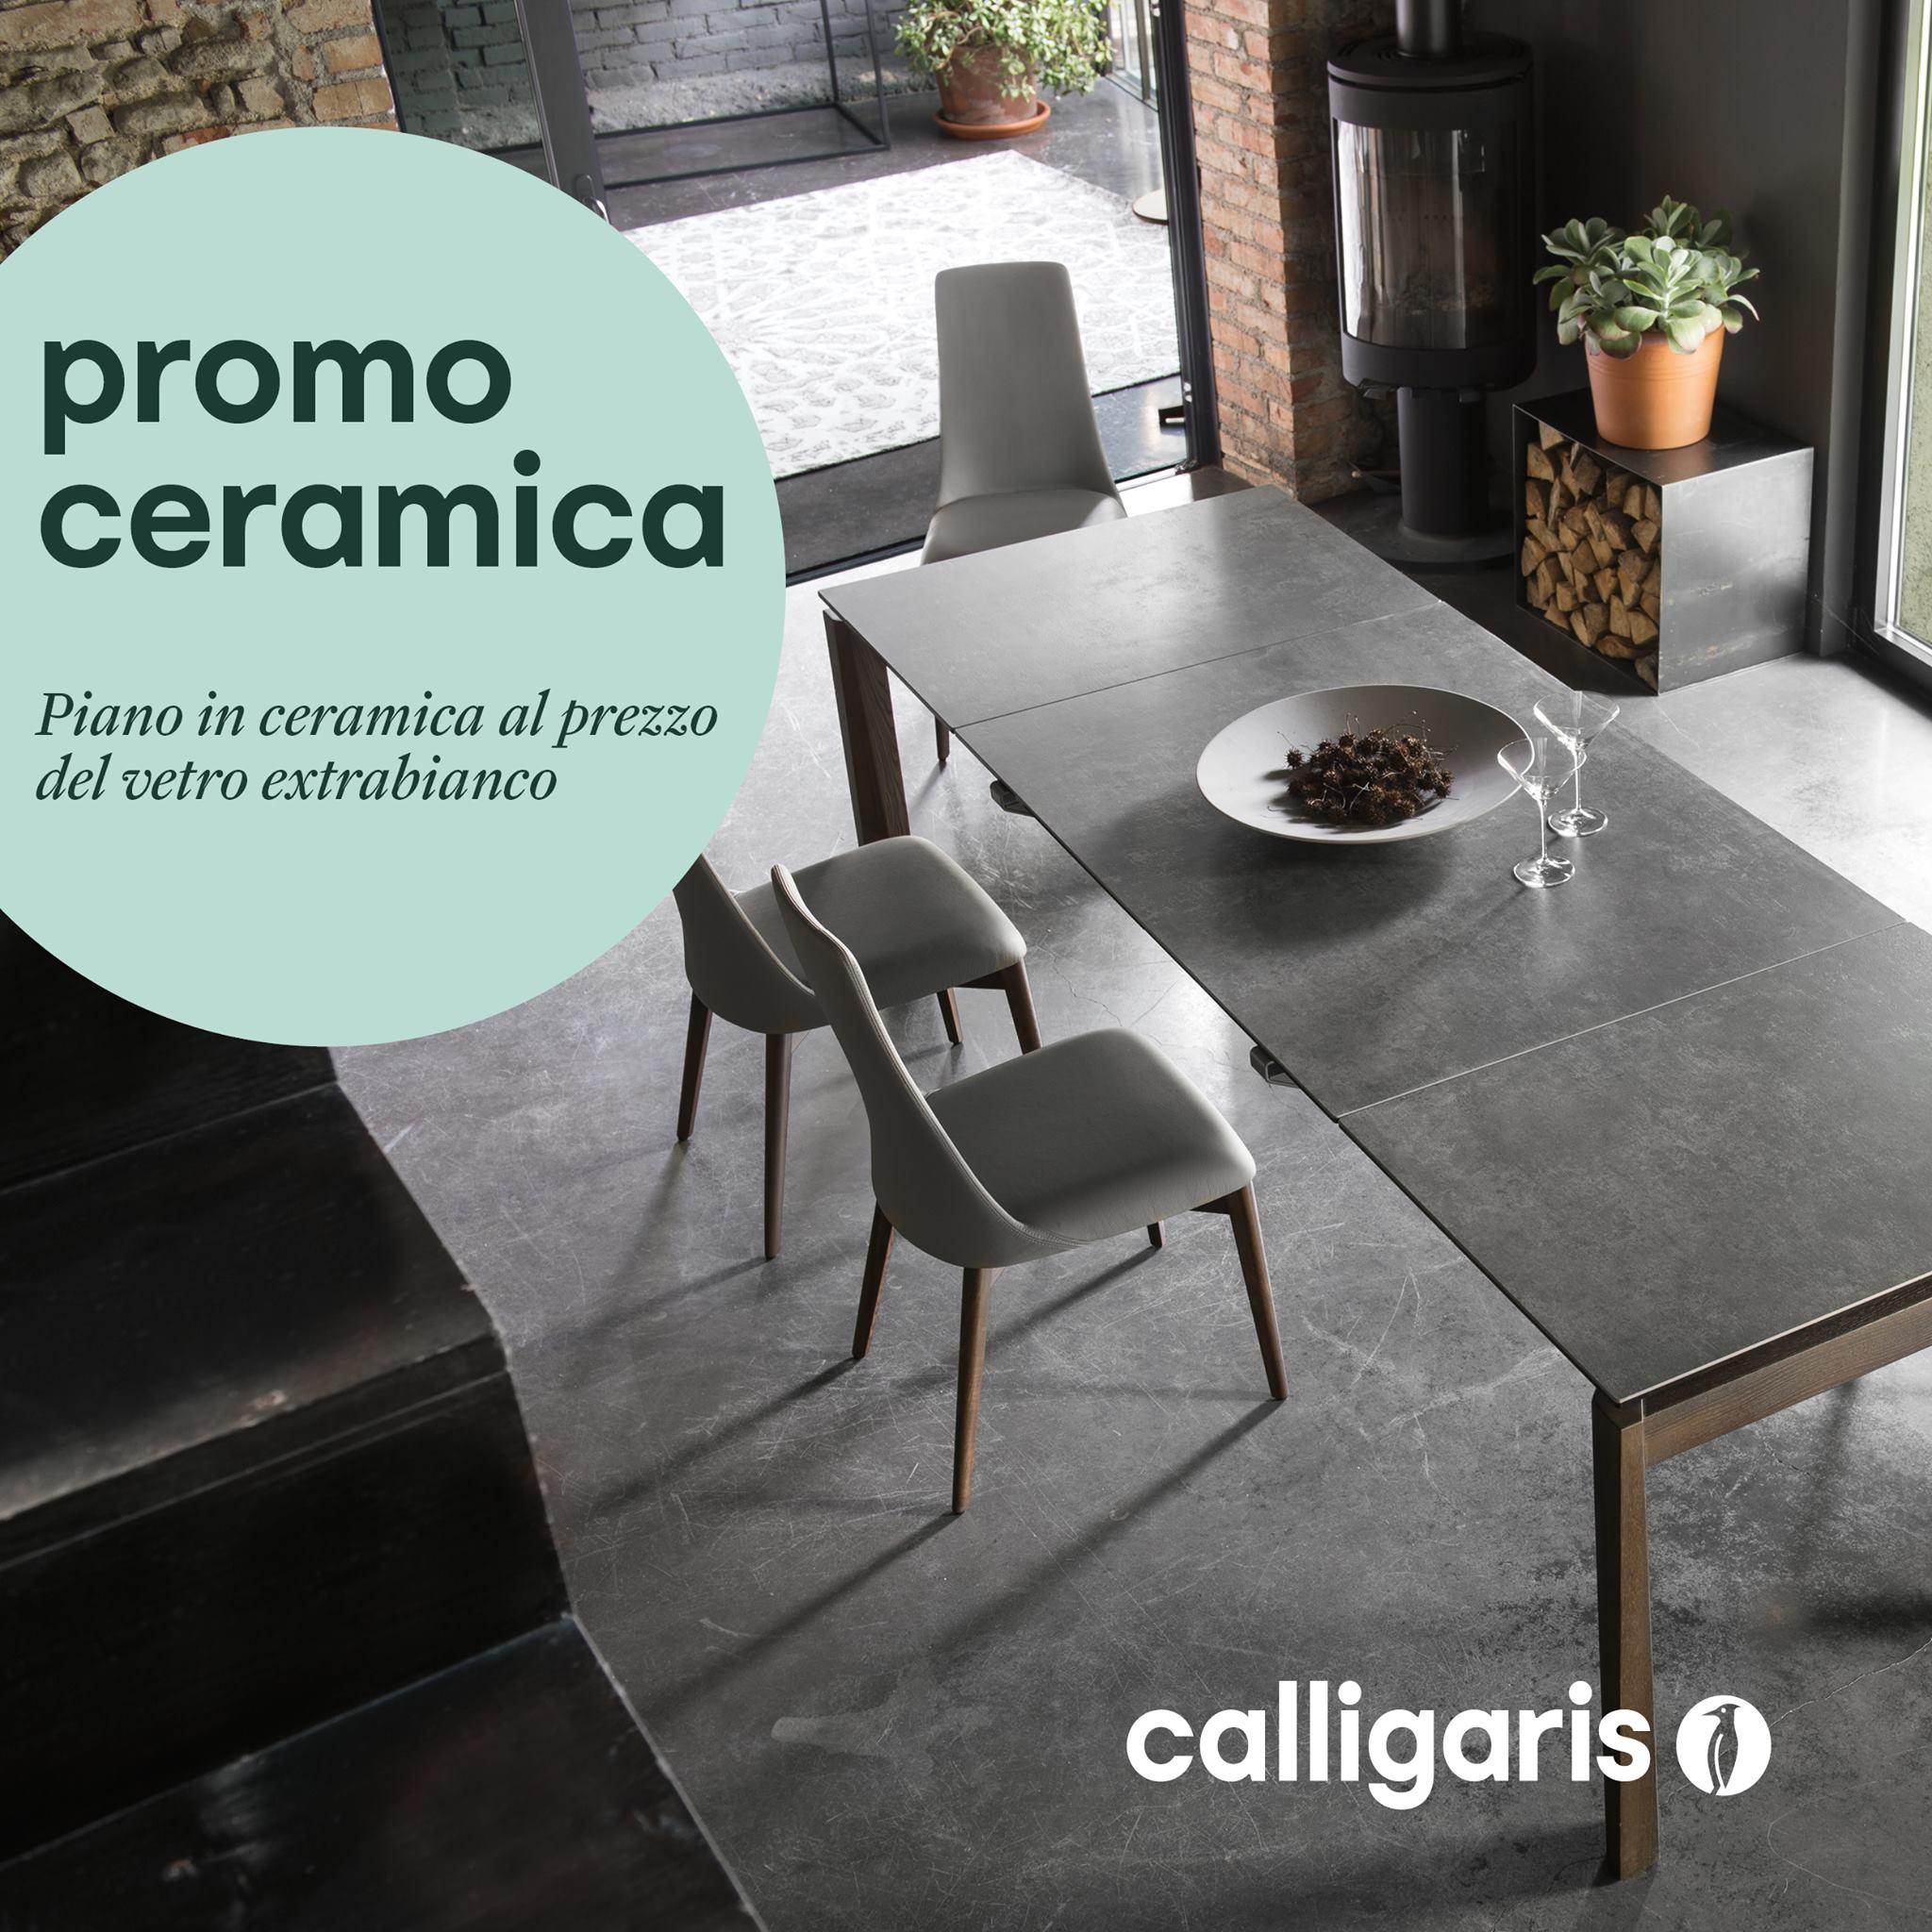 Franchi sedie srl calligaris shop volantino virtuale for Matteuzzi arredamenti